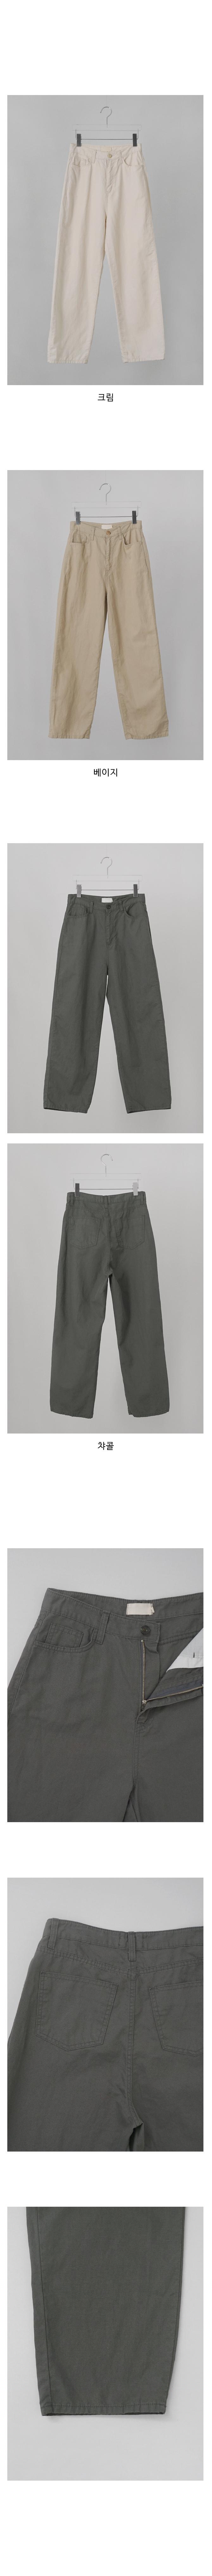 fade bio cotton pants